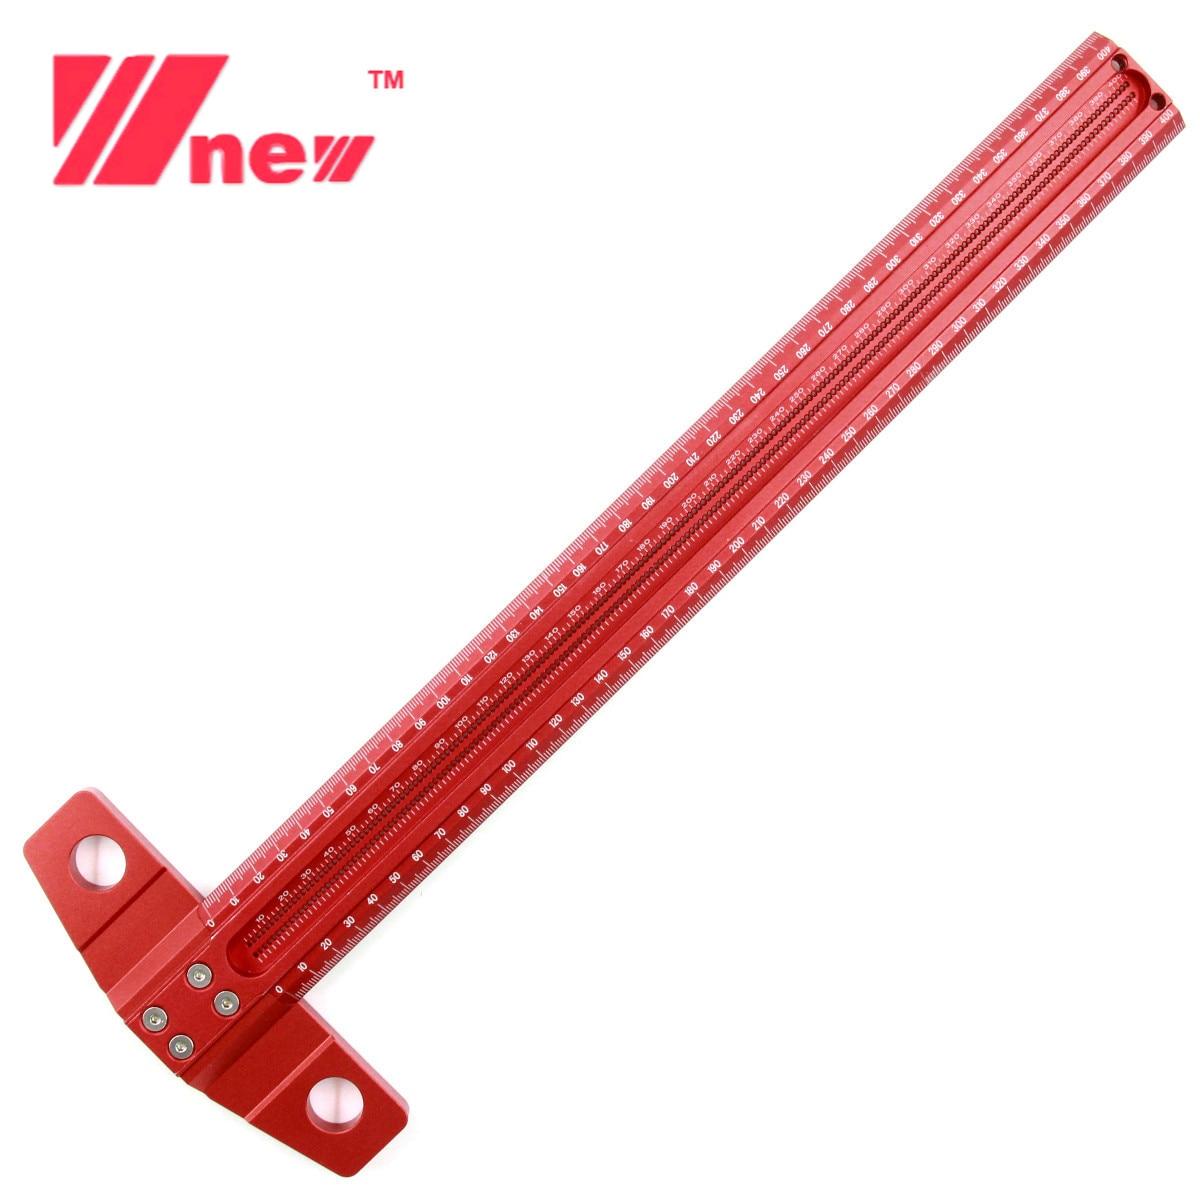 Obróbka drewna linia typu T Scriber Hole linijka krawiecka ze stopu aluminium Marking Gauge skrzyżowana linia Scriber Carpenter narzędzia pomiarowe